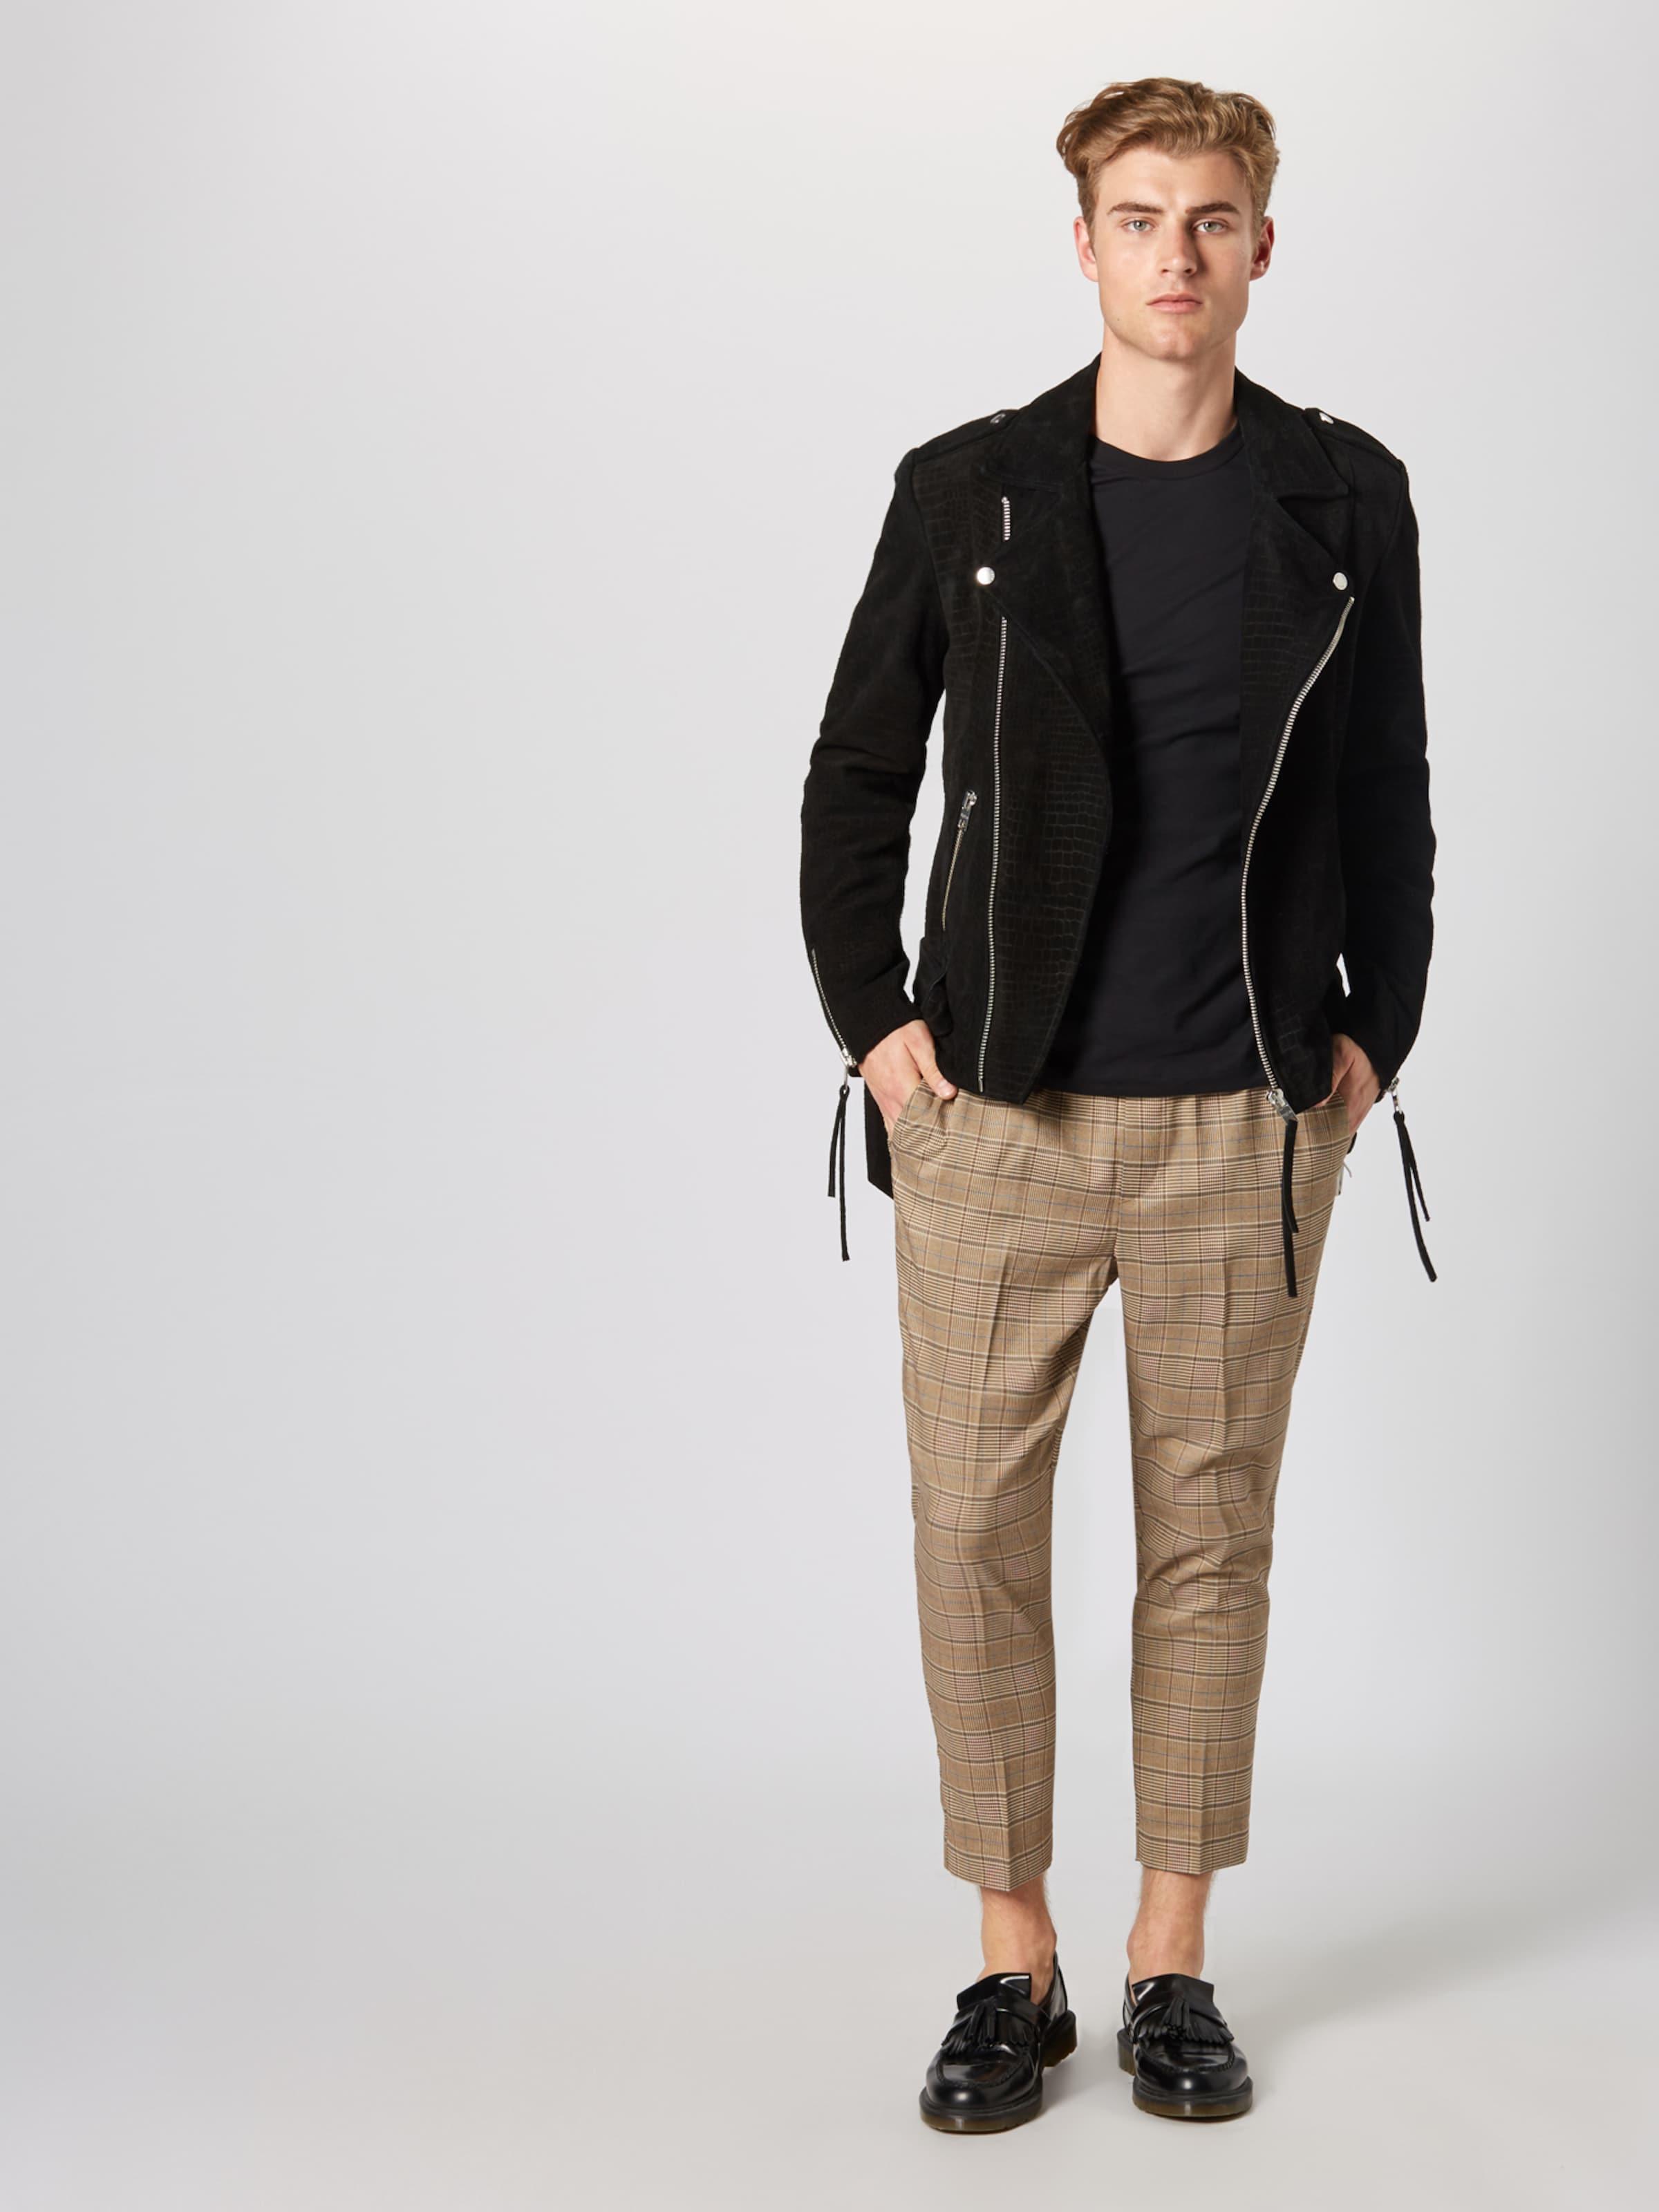 T Jeans shirt Calvin Klein In Schwarz UMSzVpGq